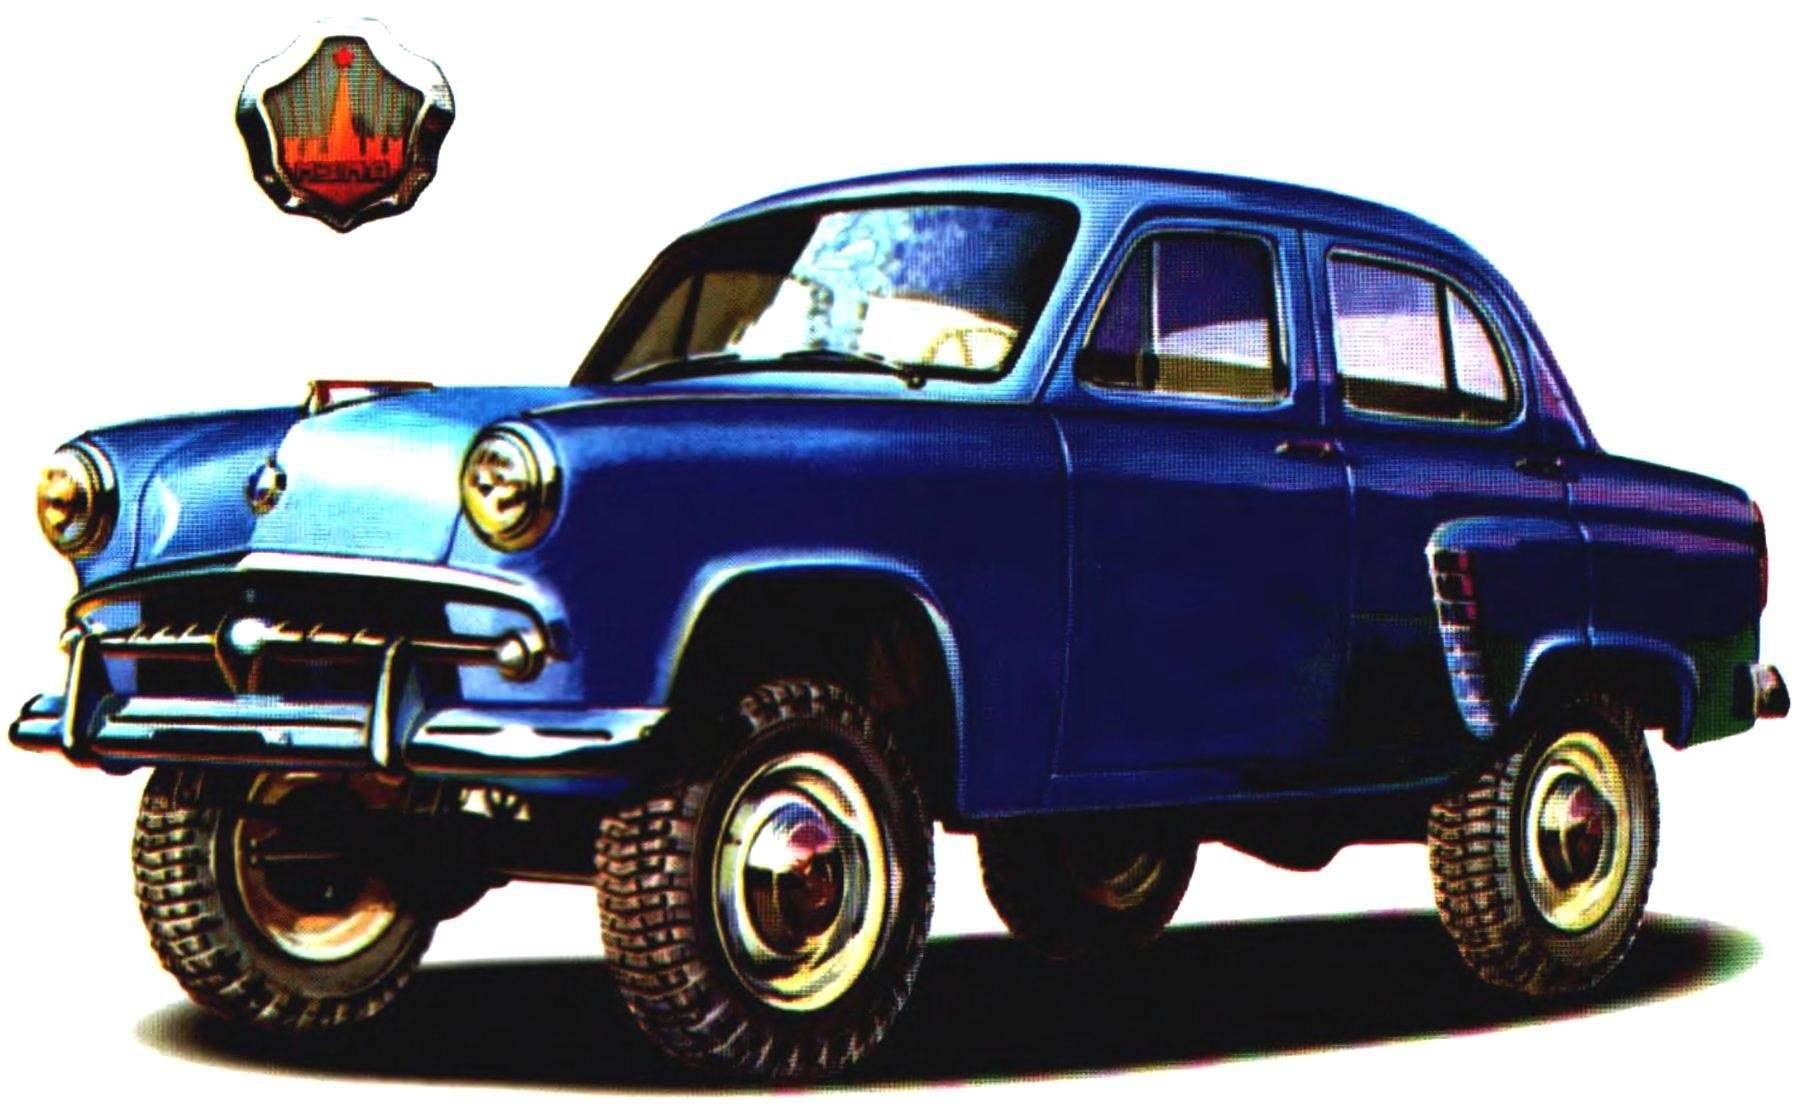 Полноприводной вездеход «МОСКВИЧ-410» — предшественник современных комфортабельных автомобилей-внедорожников